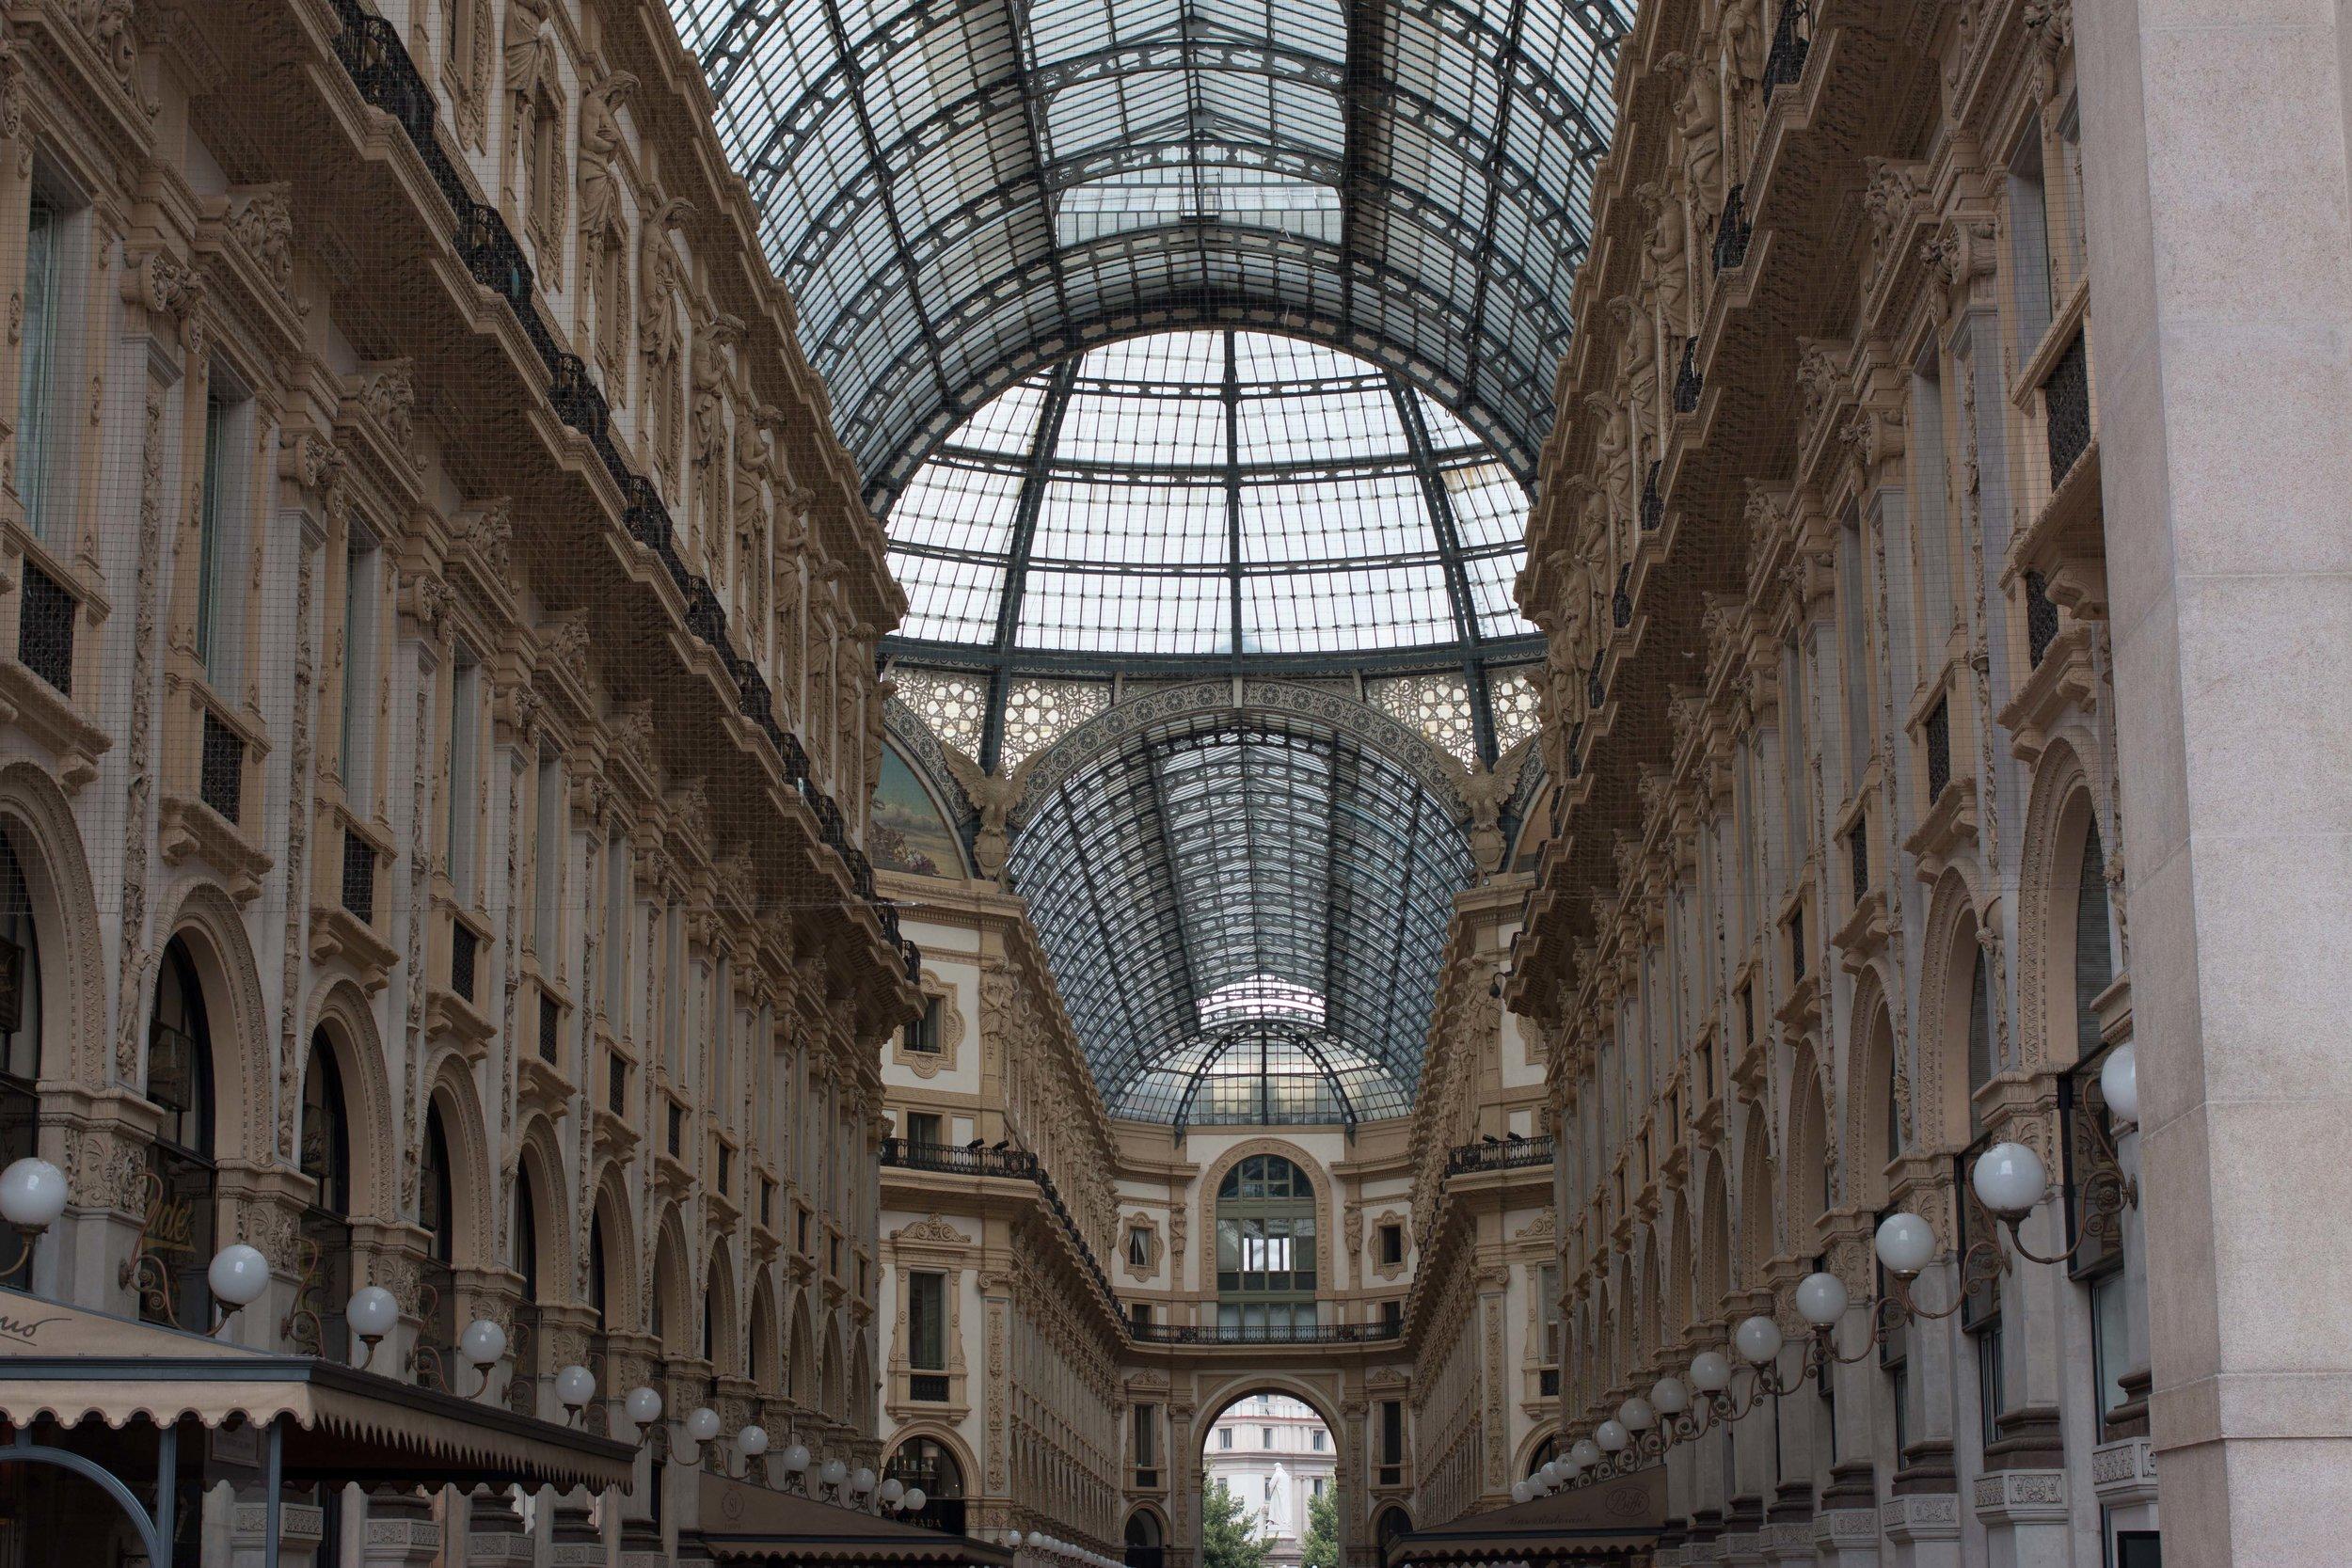 Galleria Vittoria Emanuele II central passage in Milan, Italy